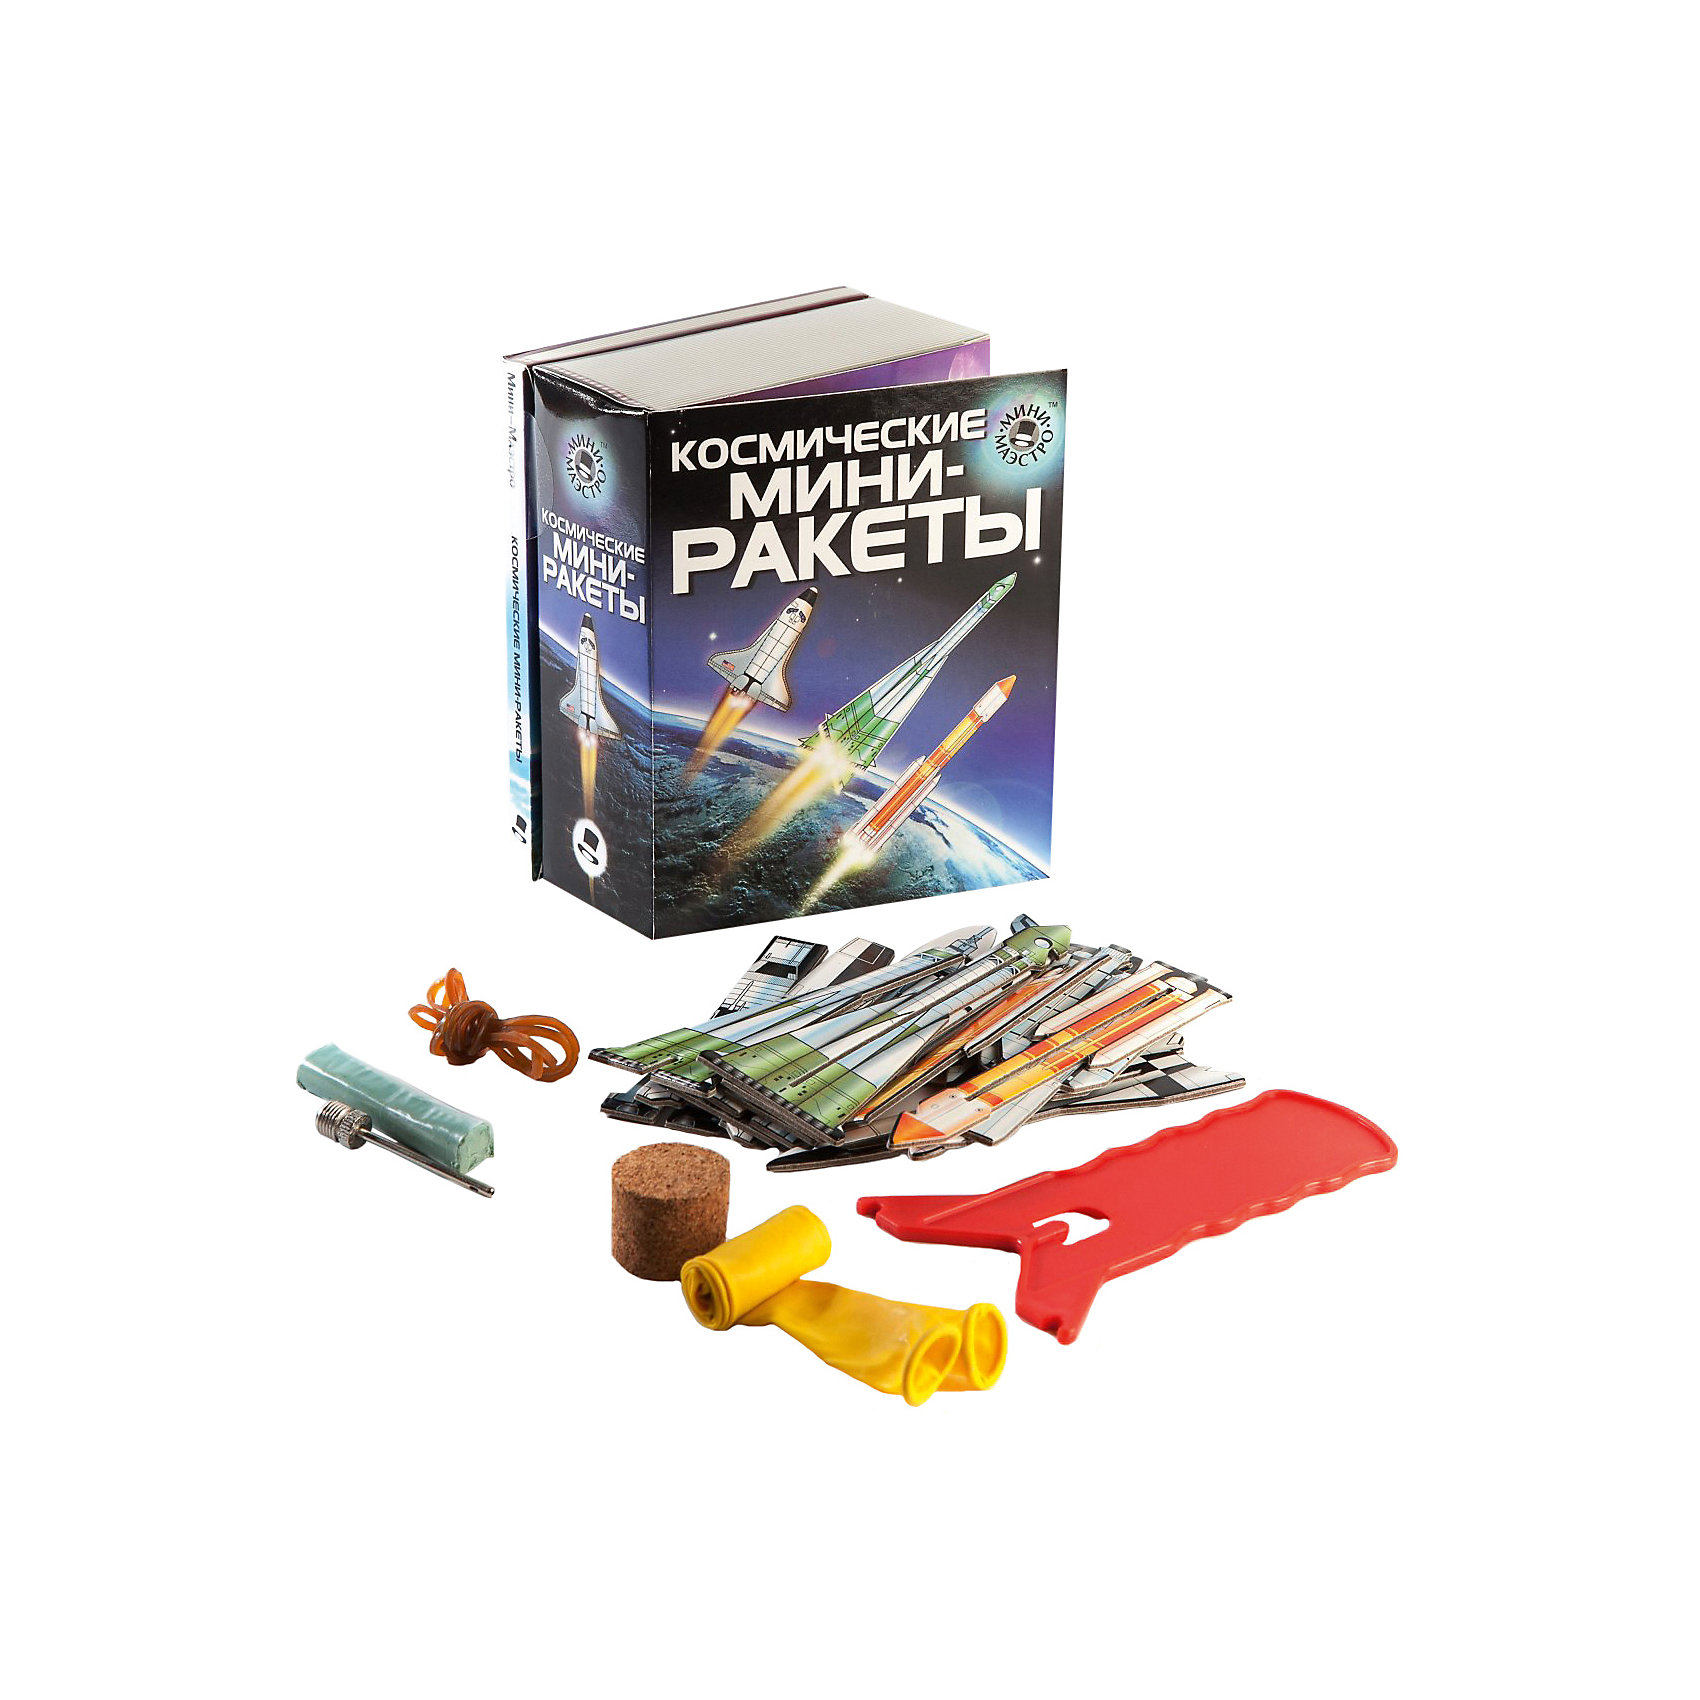 Набор Космические мини-ракетыСборные модели транспорта<br>Мини-маэстро «Космические мини-ракеты»<br>В наборе есть 48-страничная книга о космических ракетах и 8 ракет для запуска. Ты узнаешь о принципе реактивного движения и сможешь сконструировать собственные ракеты, работающие на сжатом воздухе.<br>Дополнительная информация:<br>В набор входит:<br>- Книга с инструкциями 48 стр., цв. илл.,<br>- 8 мини-ракет, <br>- устройство для запуска, <br>- 4 резинки, <br>- 2 шарика, пробка, замазка, игольчатый клапан.<br>Размер упаковки (д/ш/в): 95 х 52 х 120 мм<br>С этим набором ты станешь экспертом по ракетам!<br><br>Ширина мм: 95<br>Глубина мм: 52<br>Высота мм: 120<br>Вес г: 300<br>Возраст от месяцев: 72<br>Возраст до месяцев: 144<br>Пол: Мужской<br>Возраст: Детский<br>SKU: 2358207